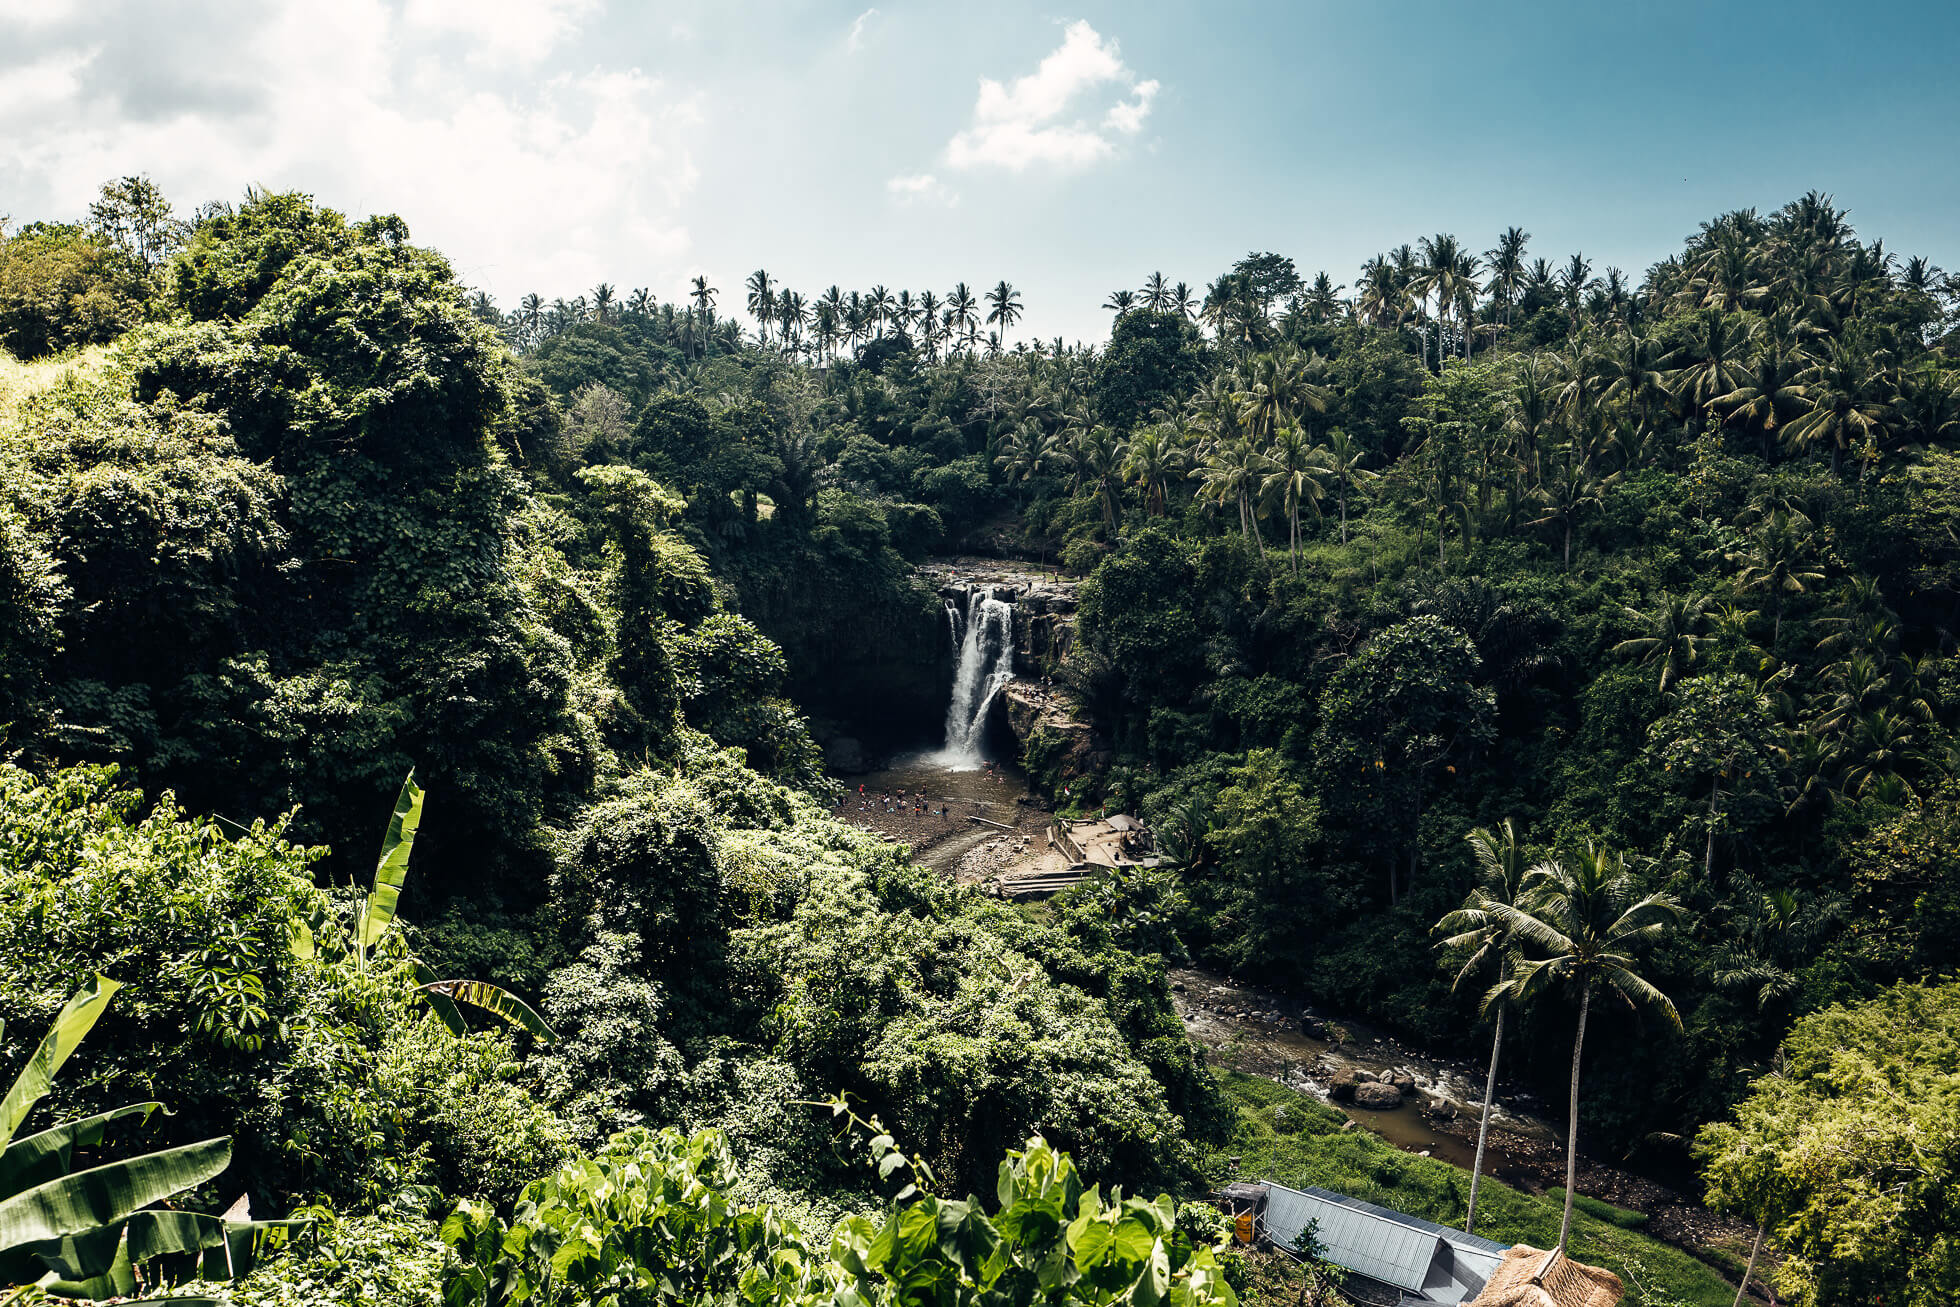 janni-deler-waterfall-bali-TegenunganL1030995-Redigera